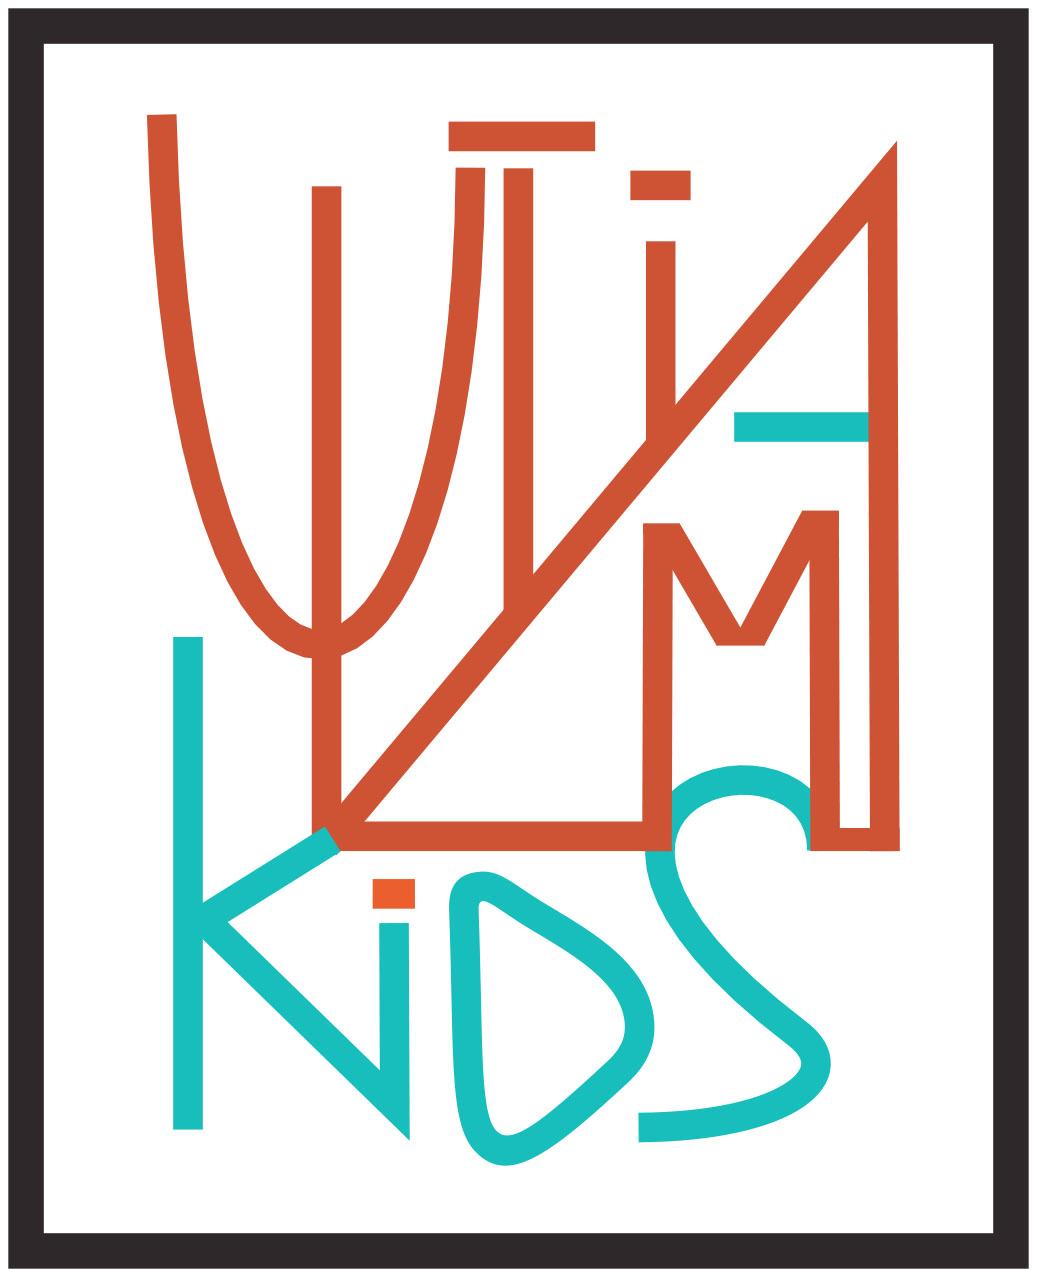 Дизайн логотипа для детского магазина фото f_6055bc72c21af8f5.jpg